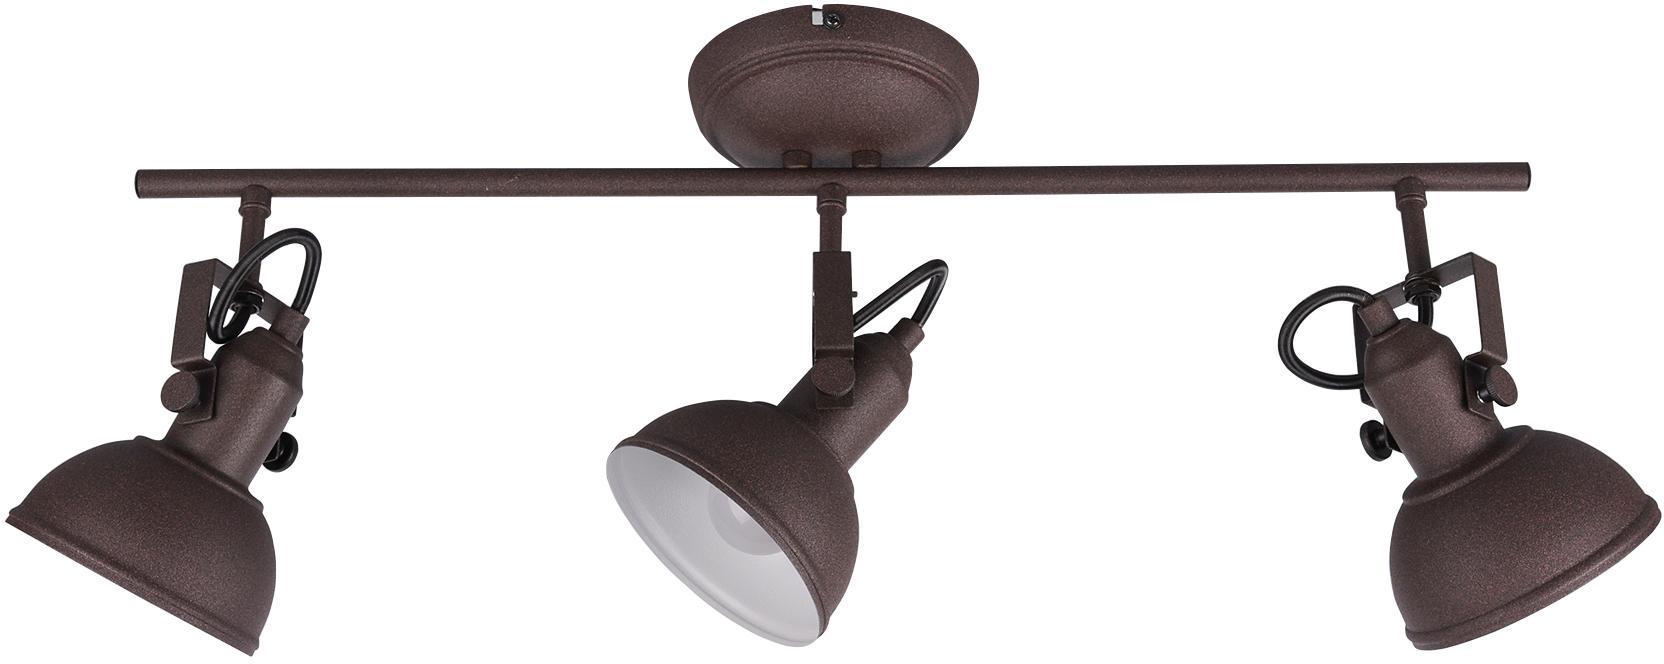 TRIO Leuchten Deckenleuchte GINA, E14, in rostfarbiger Gestaltung